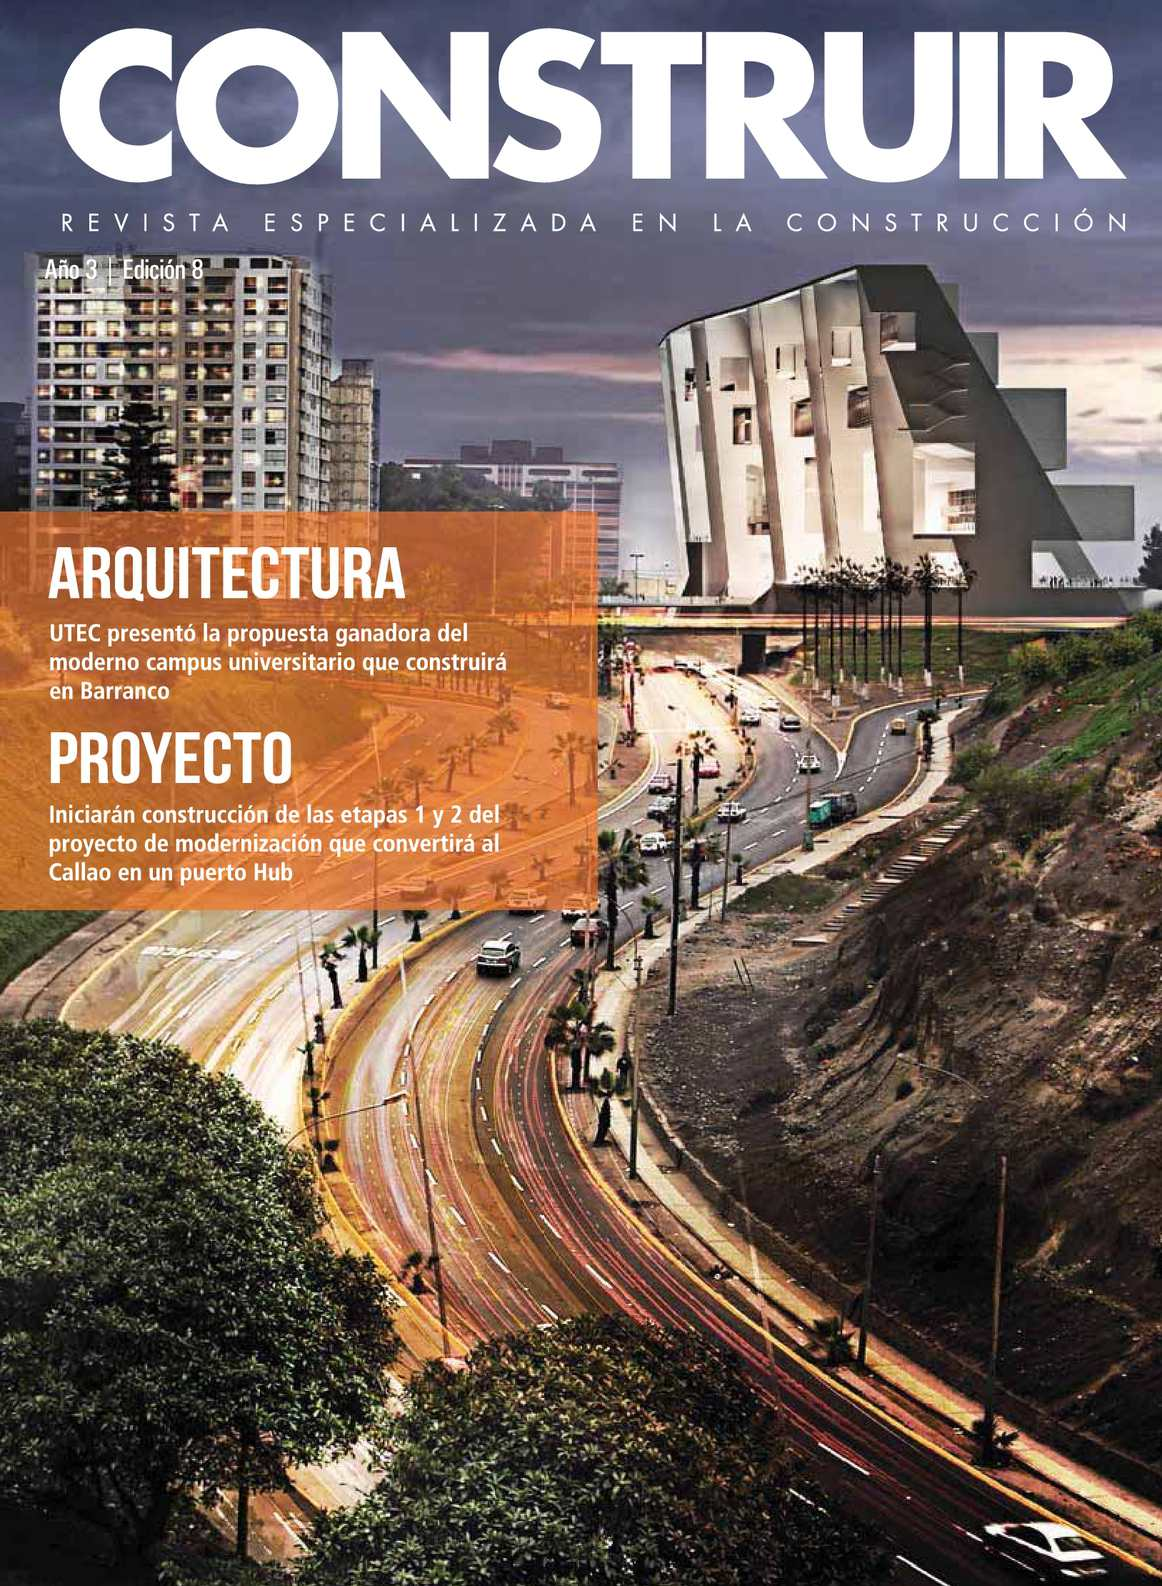 Revista Construir Edición Nº 8